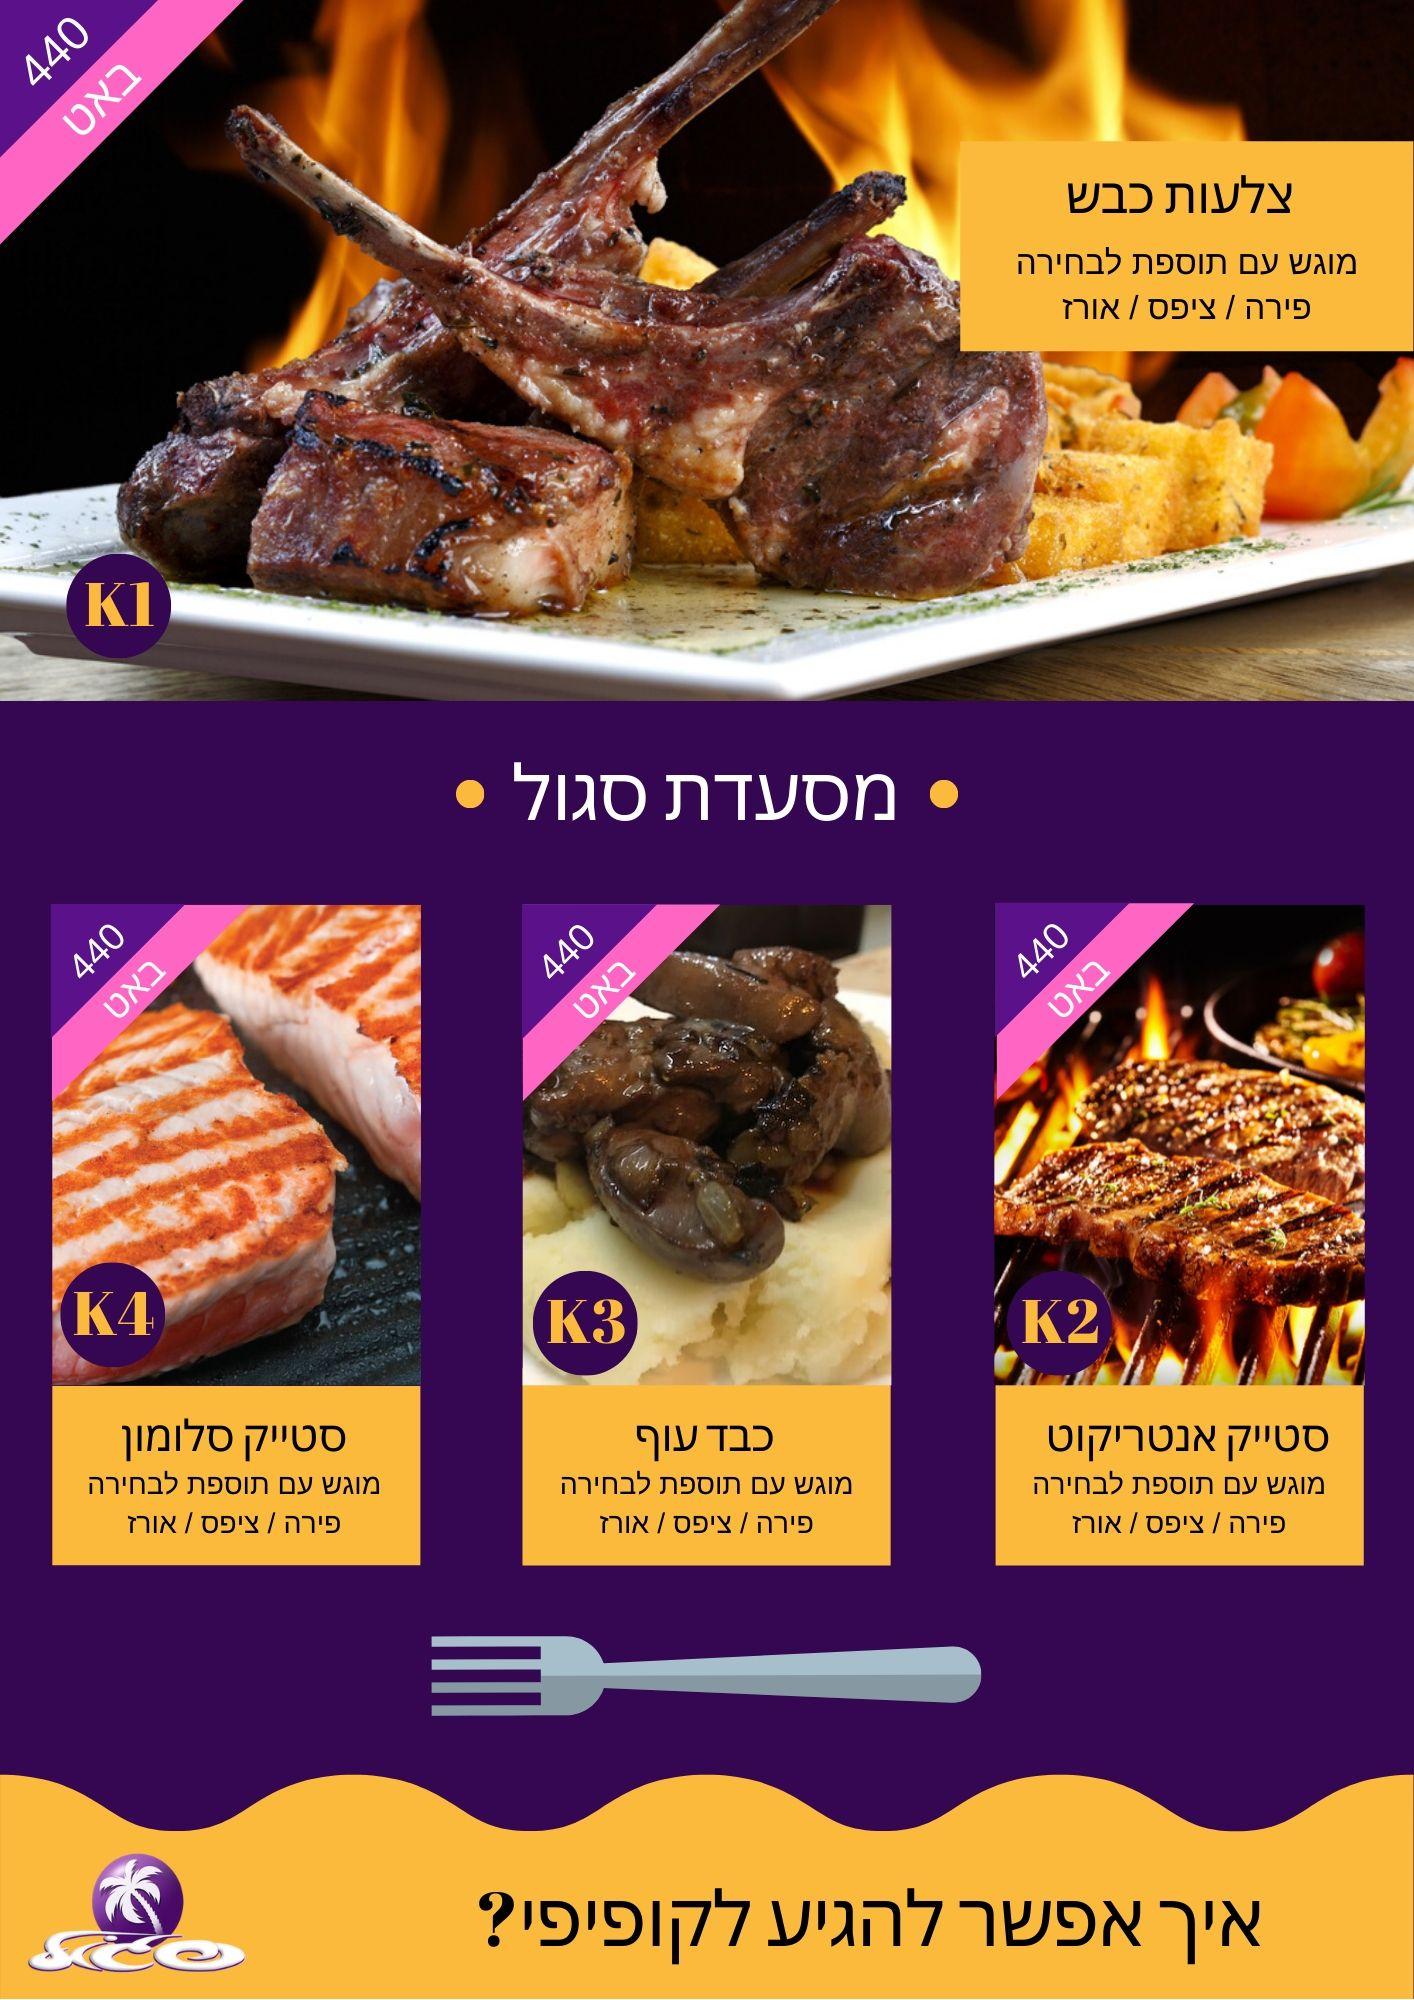 מסעדה ישראלית בתאילנד - מנות עיקריות עמוד שני